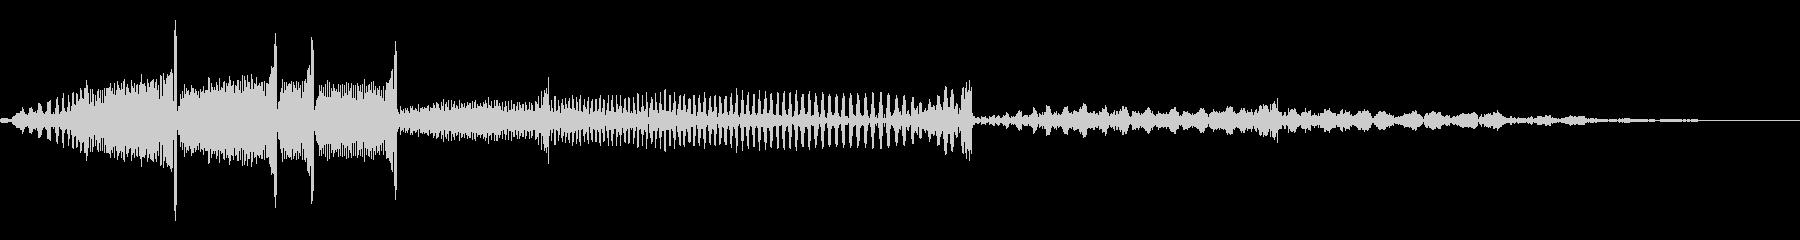 レコードのバックスピン音(DJ)の未再生の波形